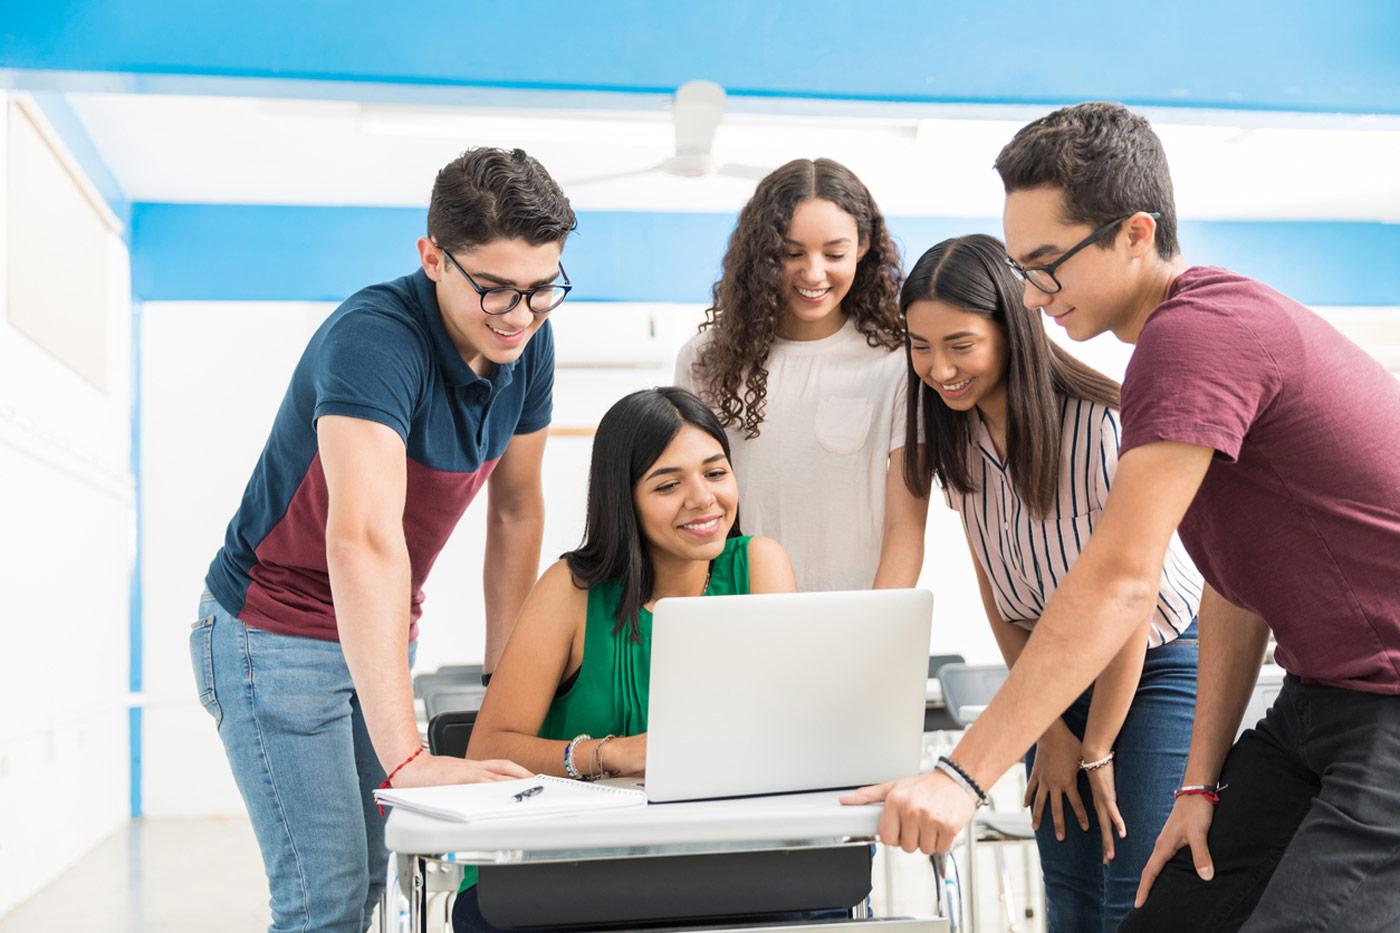 El ABP potencia la creatividad, la curiosidad y el compartir en los grupos de secundaria.